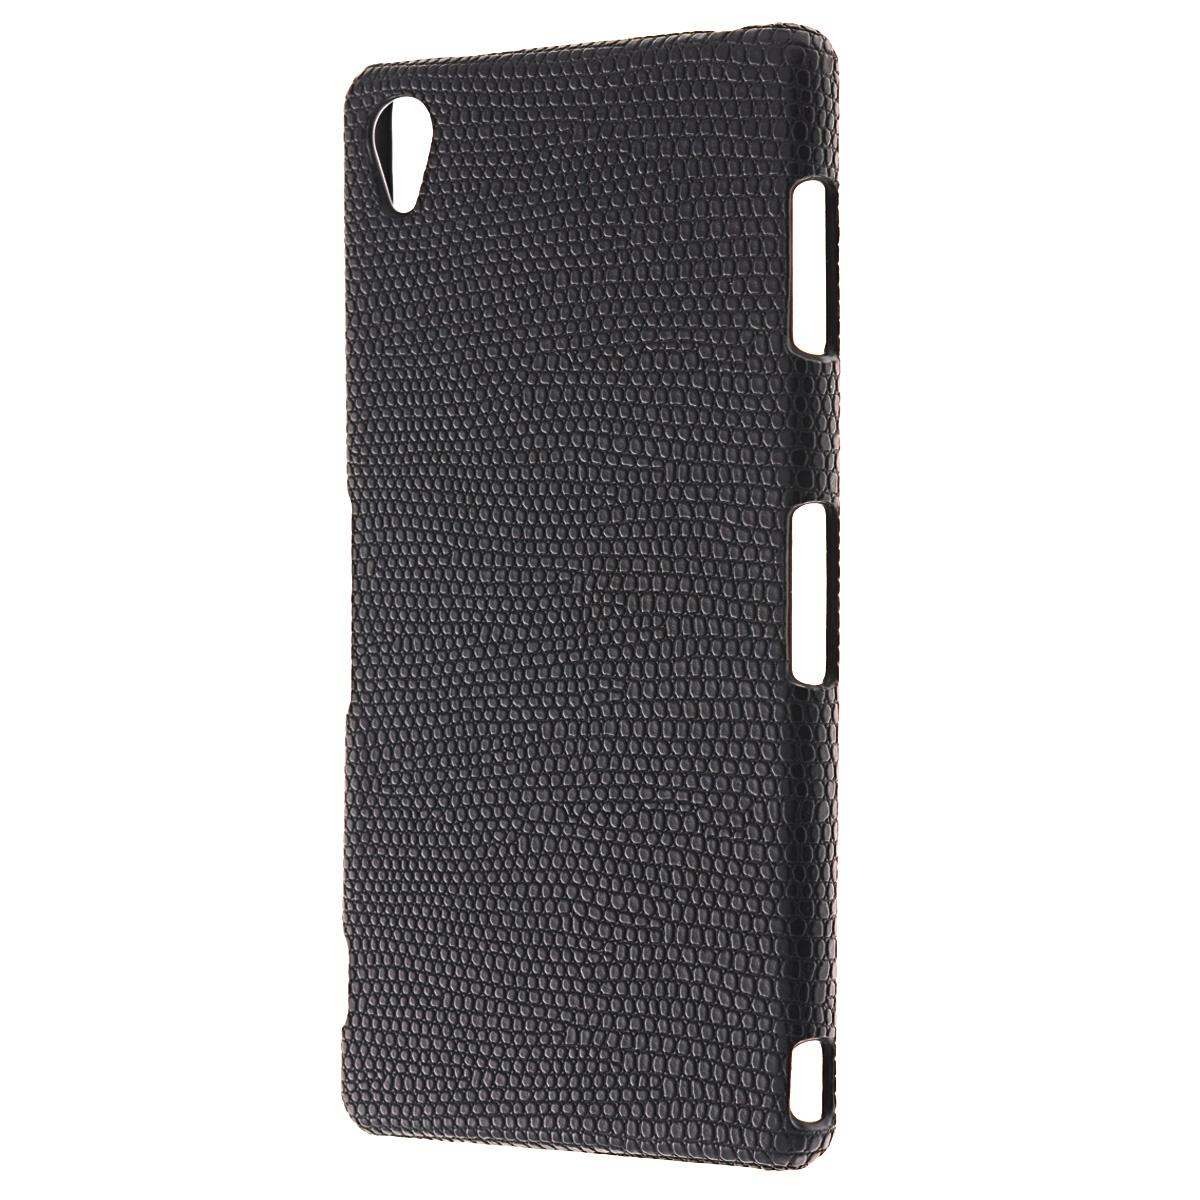 Nexx Wild чехол для Sony Xperia Z3, Dark GreyNX-MB-WD-304-DGNexx Wild - аутентичный экзотический чехол для вашего смартфона. Приятная на ощупь текстура и классические цвета оставят приятное впечатление и подчеркнут ваш особый стиль. Чехол выполнен из качественных материалов и обеспечивает свободный доступ ко всем разъемам устройства.